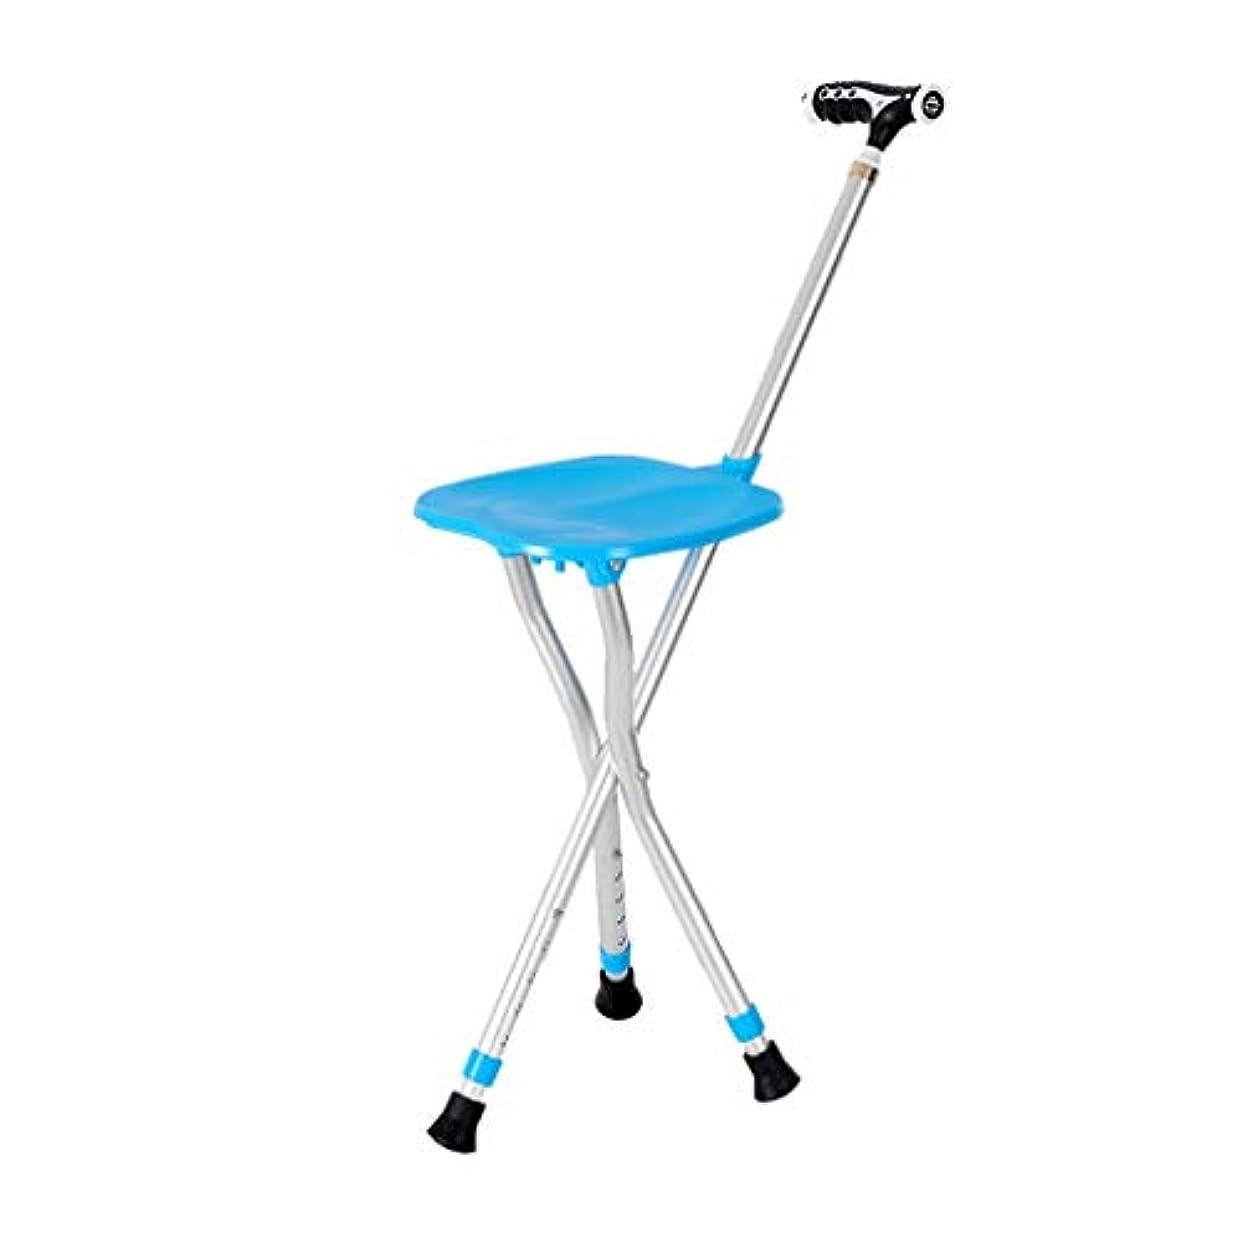 署名柔らかい達成歩行杖、座席付き、高さ調節可能なステッキ、軽量アルミニウム材、青、黒 (色 : 青)